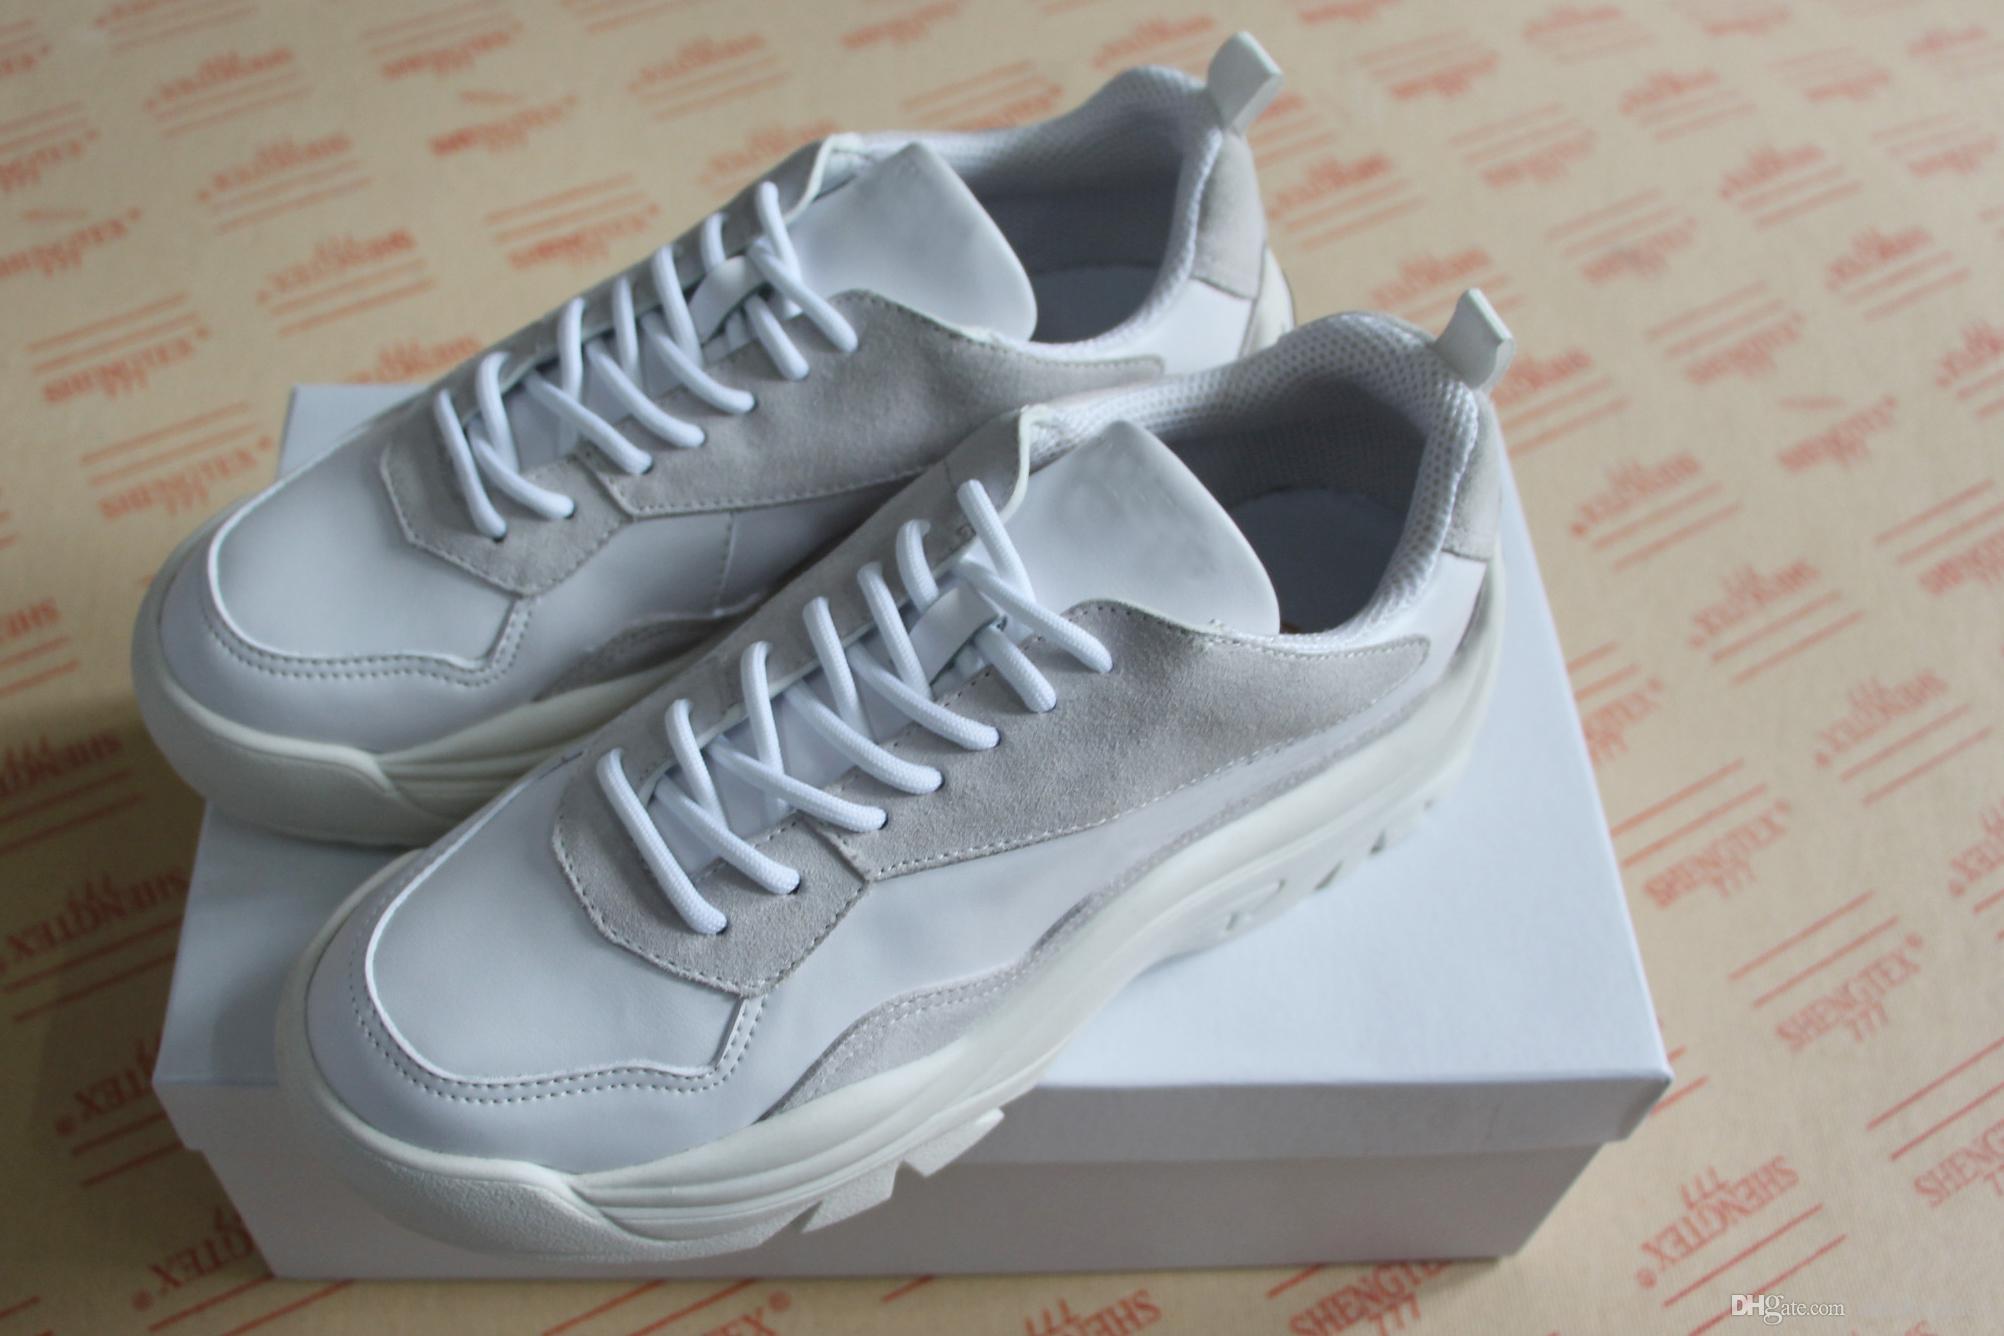 4c2b1222d7ae Acheter Nouvelle Mode Haut Marque Suede En Cuir Baskets Hommes Femmes Sport  Designer Chaussures Top Qualité Semelle En Caoutchouc Chaussures Italiennes  ...